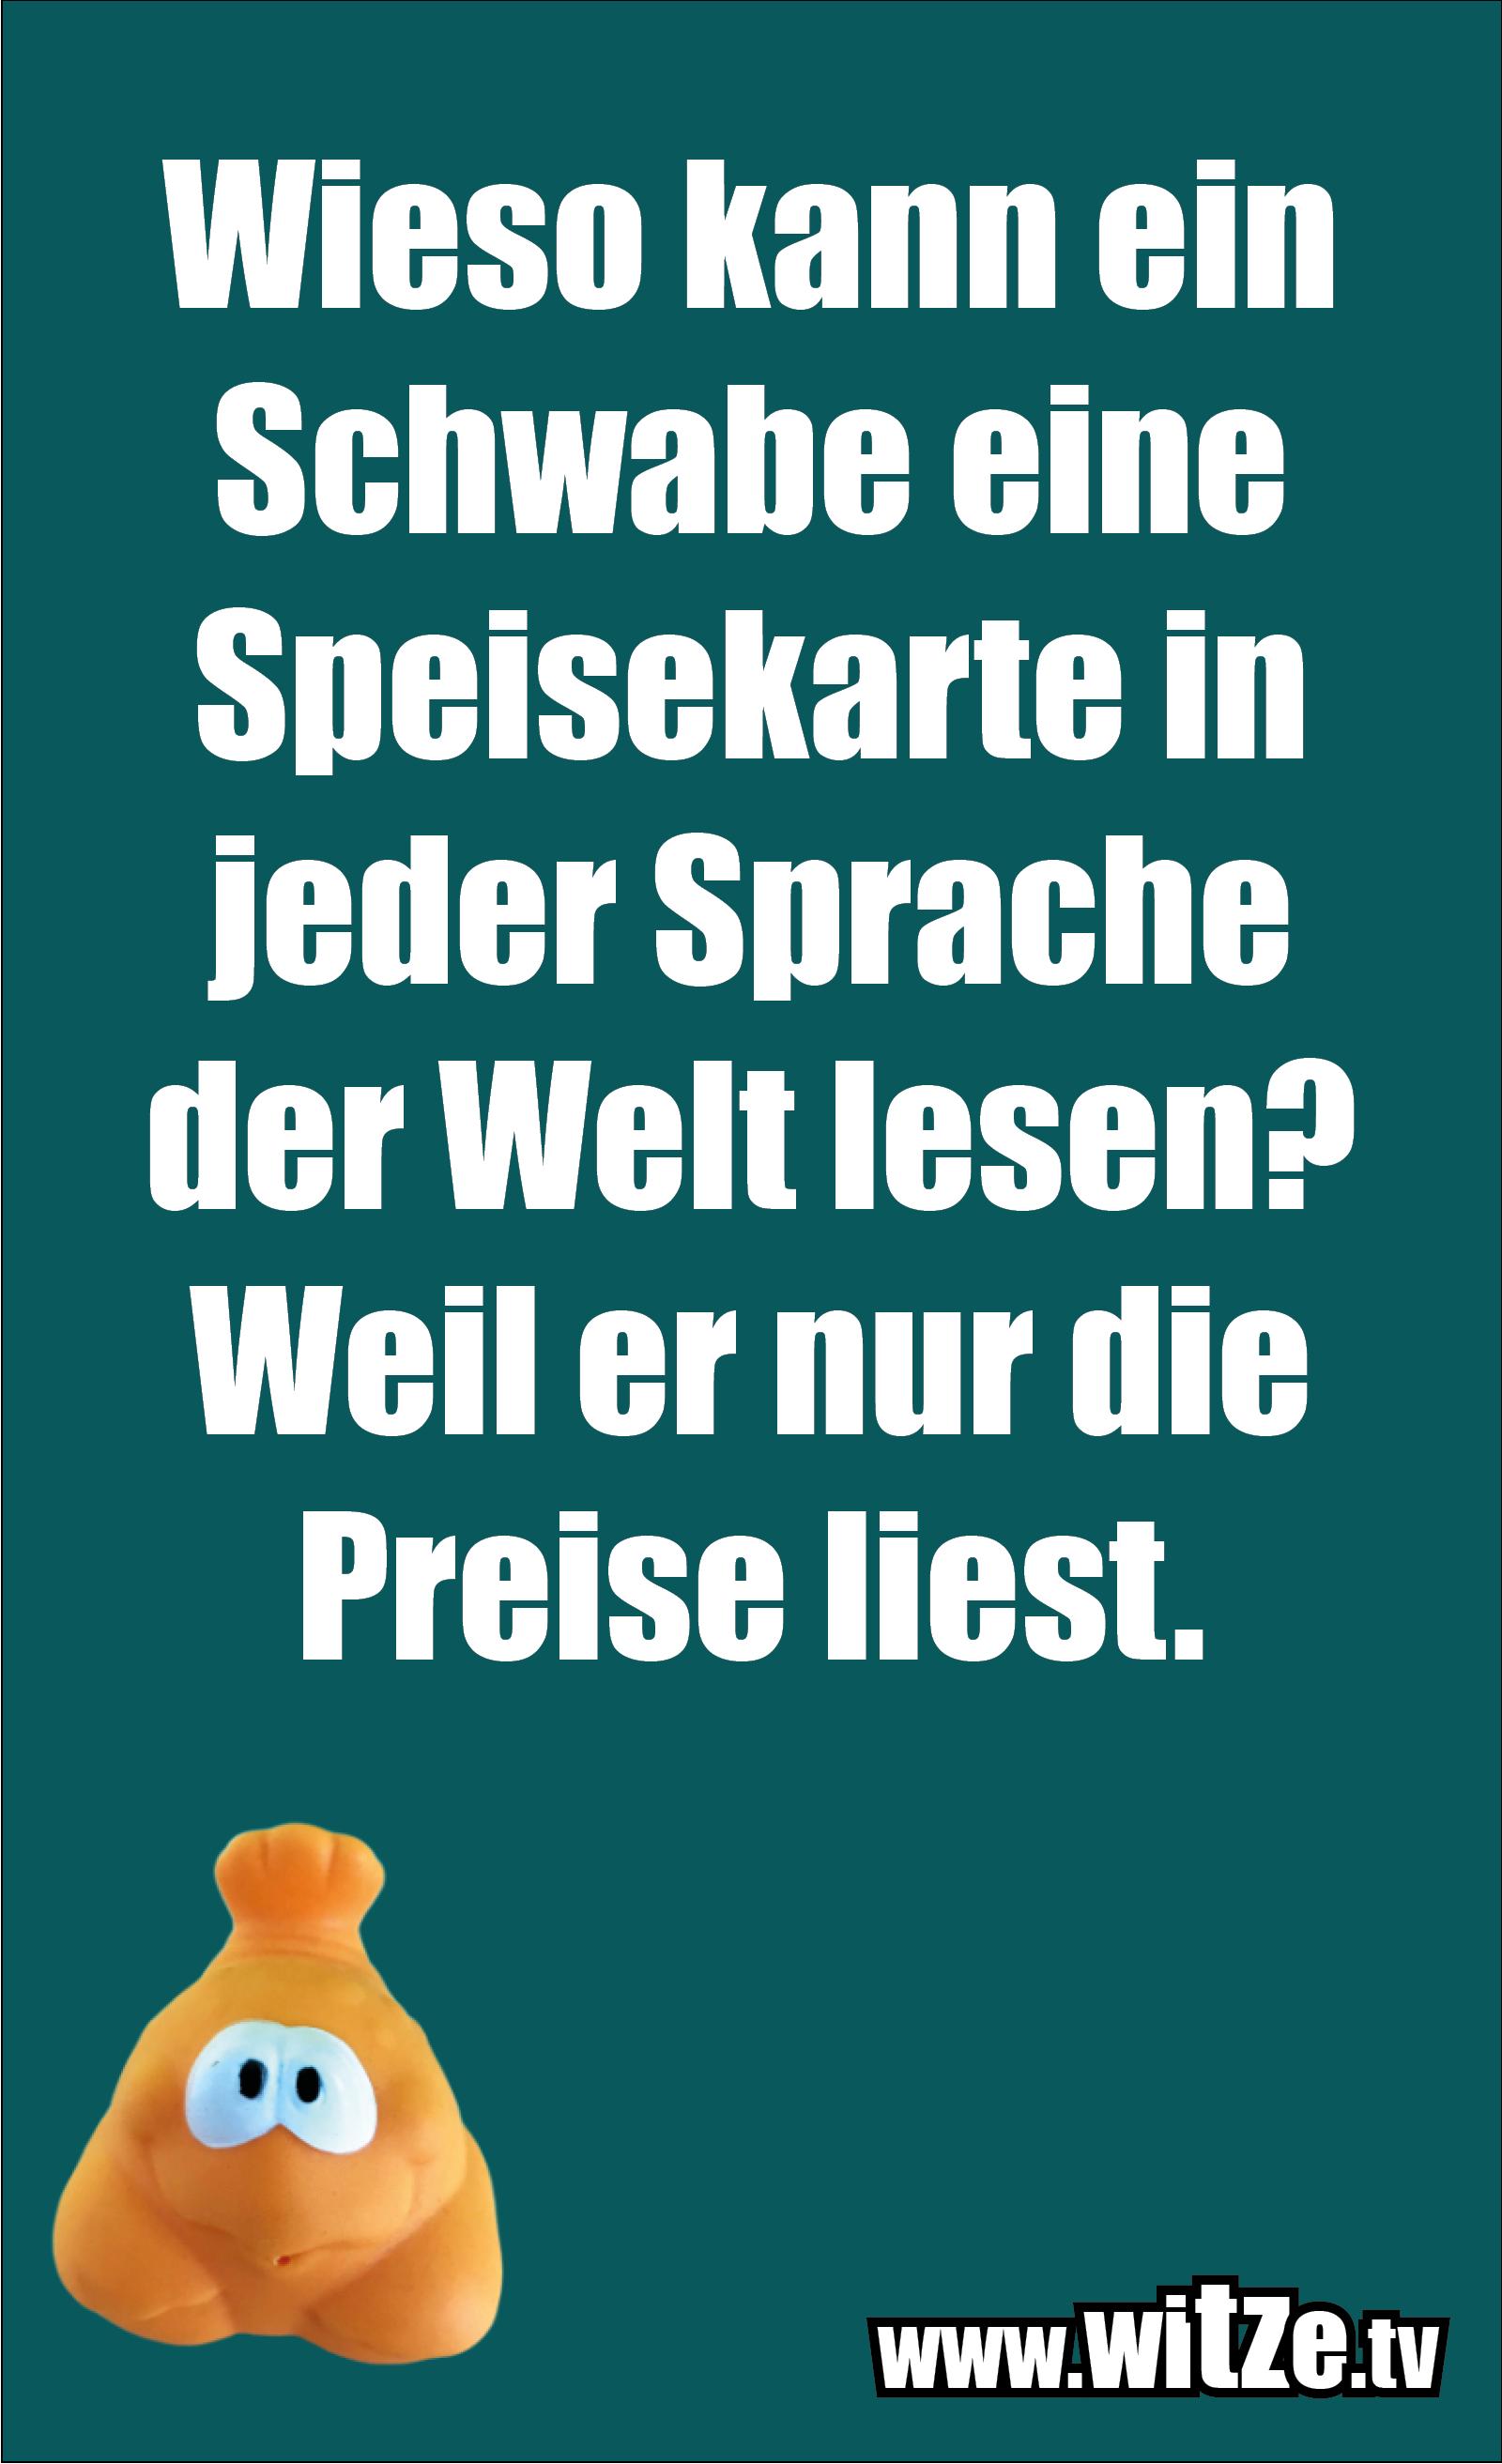 Schwaben Witz… Wieso kann ein Schwabe eine Speisekarte in jeder Sprache der Welt lesen? Weil er nur die Preise liest.